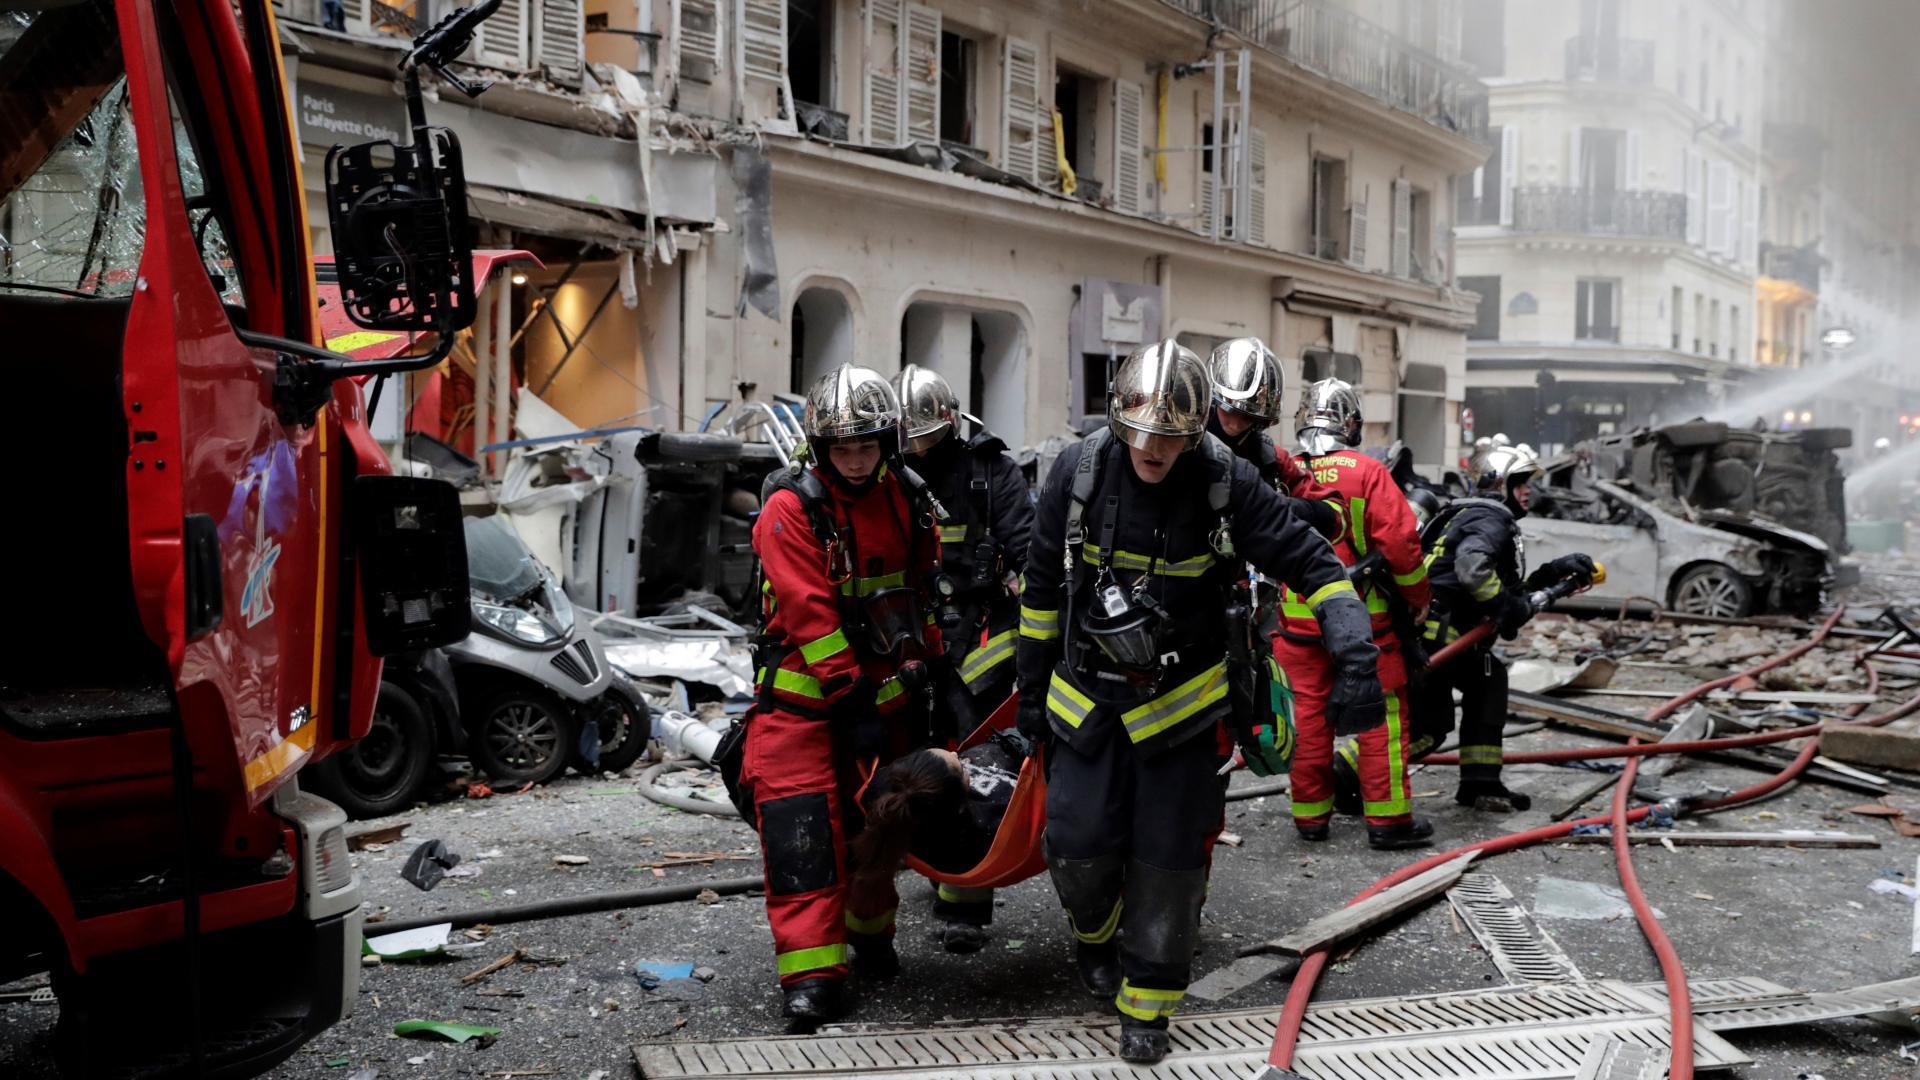 الشرطة الفرنسية: انفجار قوي في باريس بسبب تسرب غاز.. وإصابة 36 شخصا